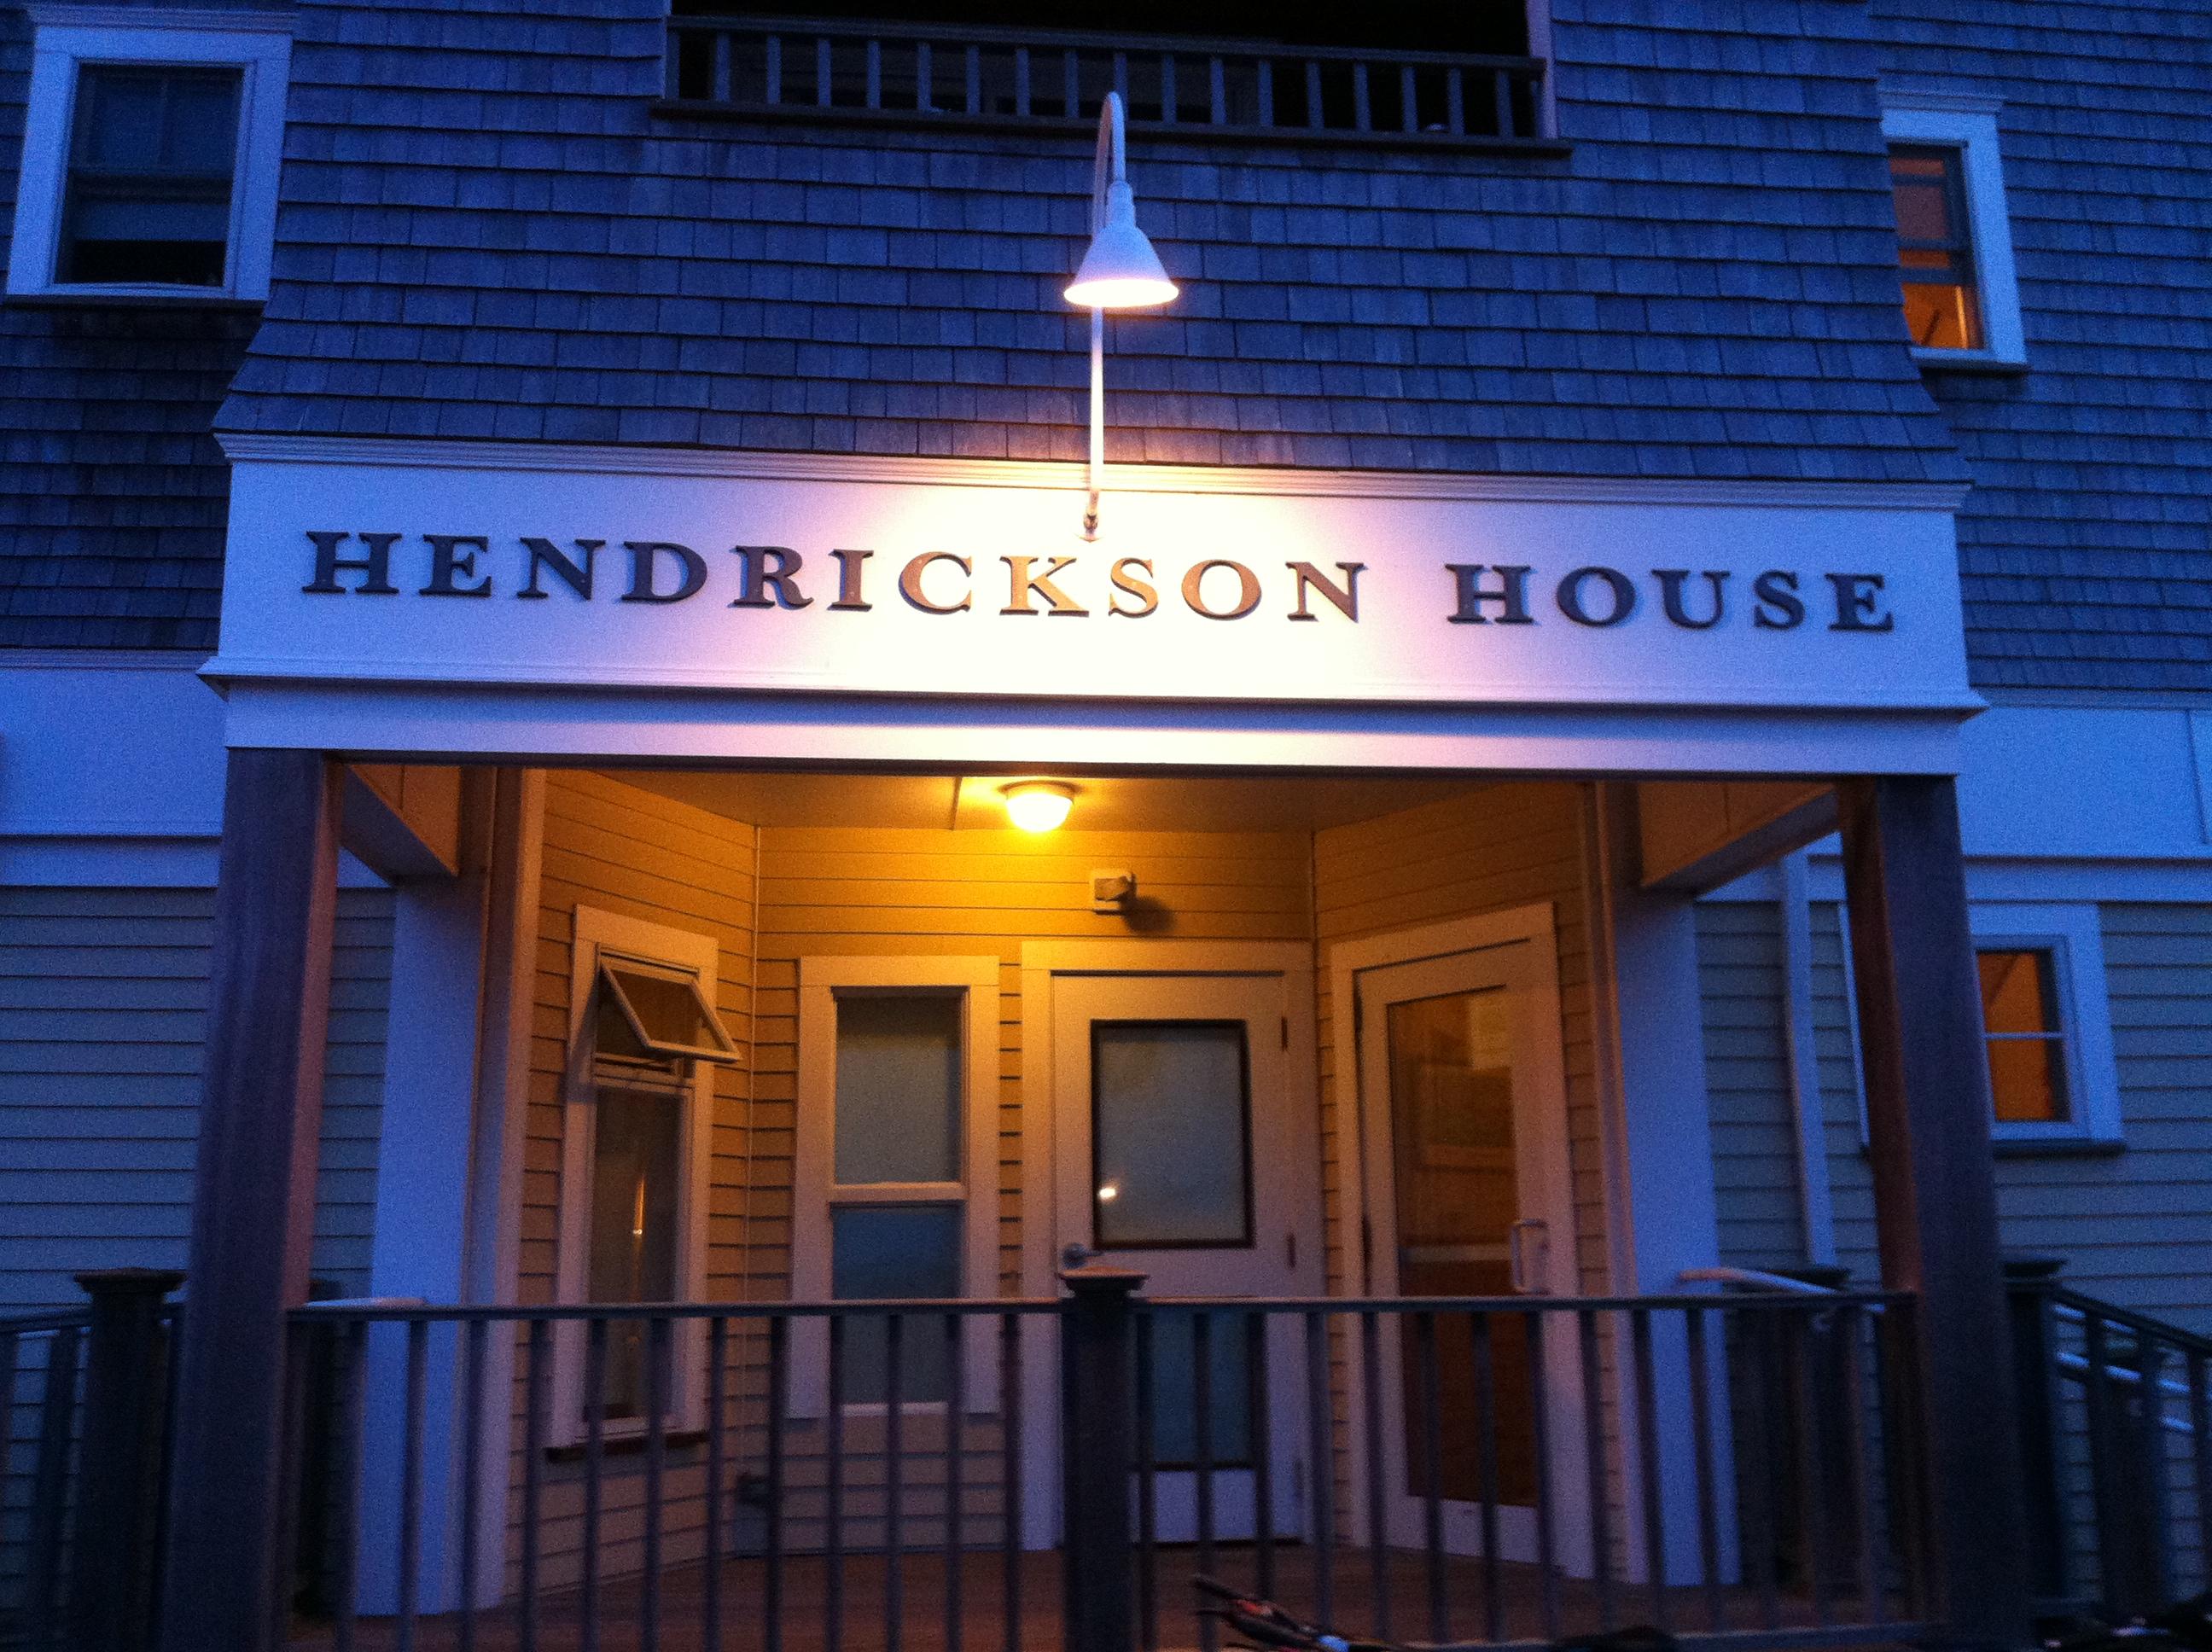 HendricksonHouse